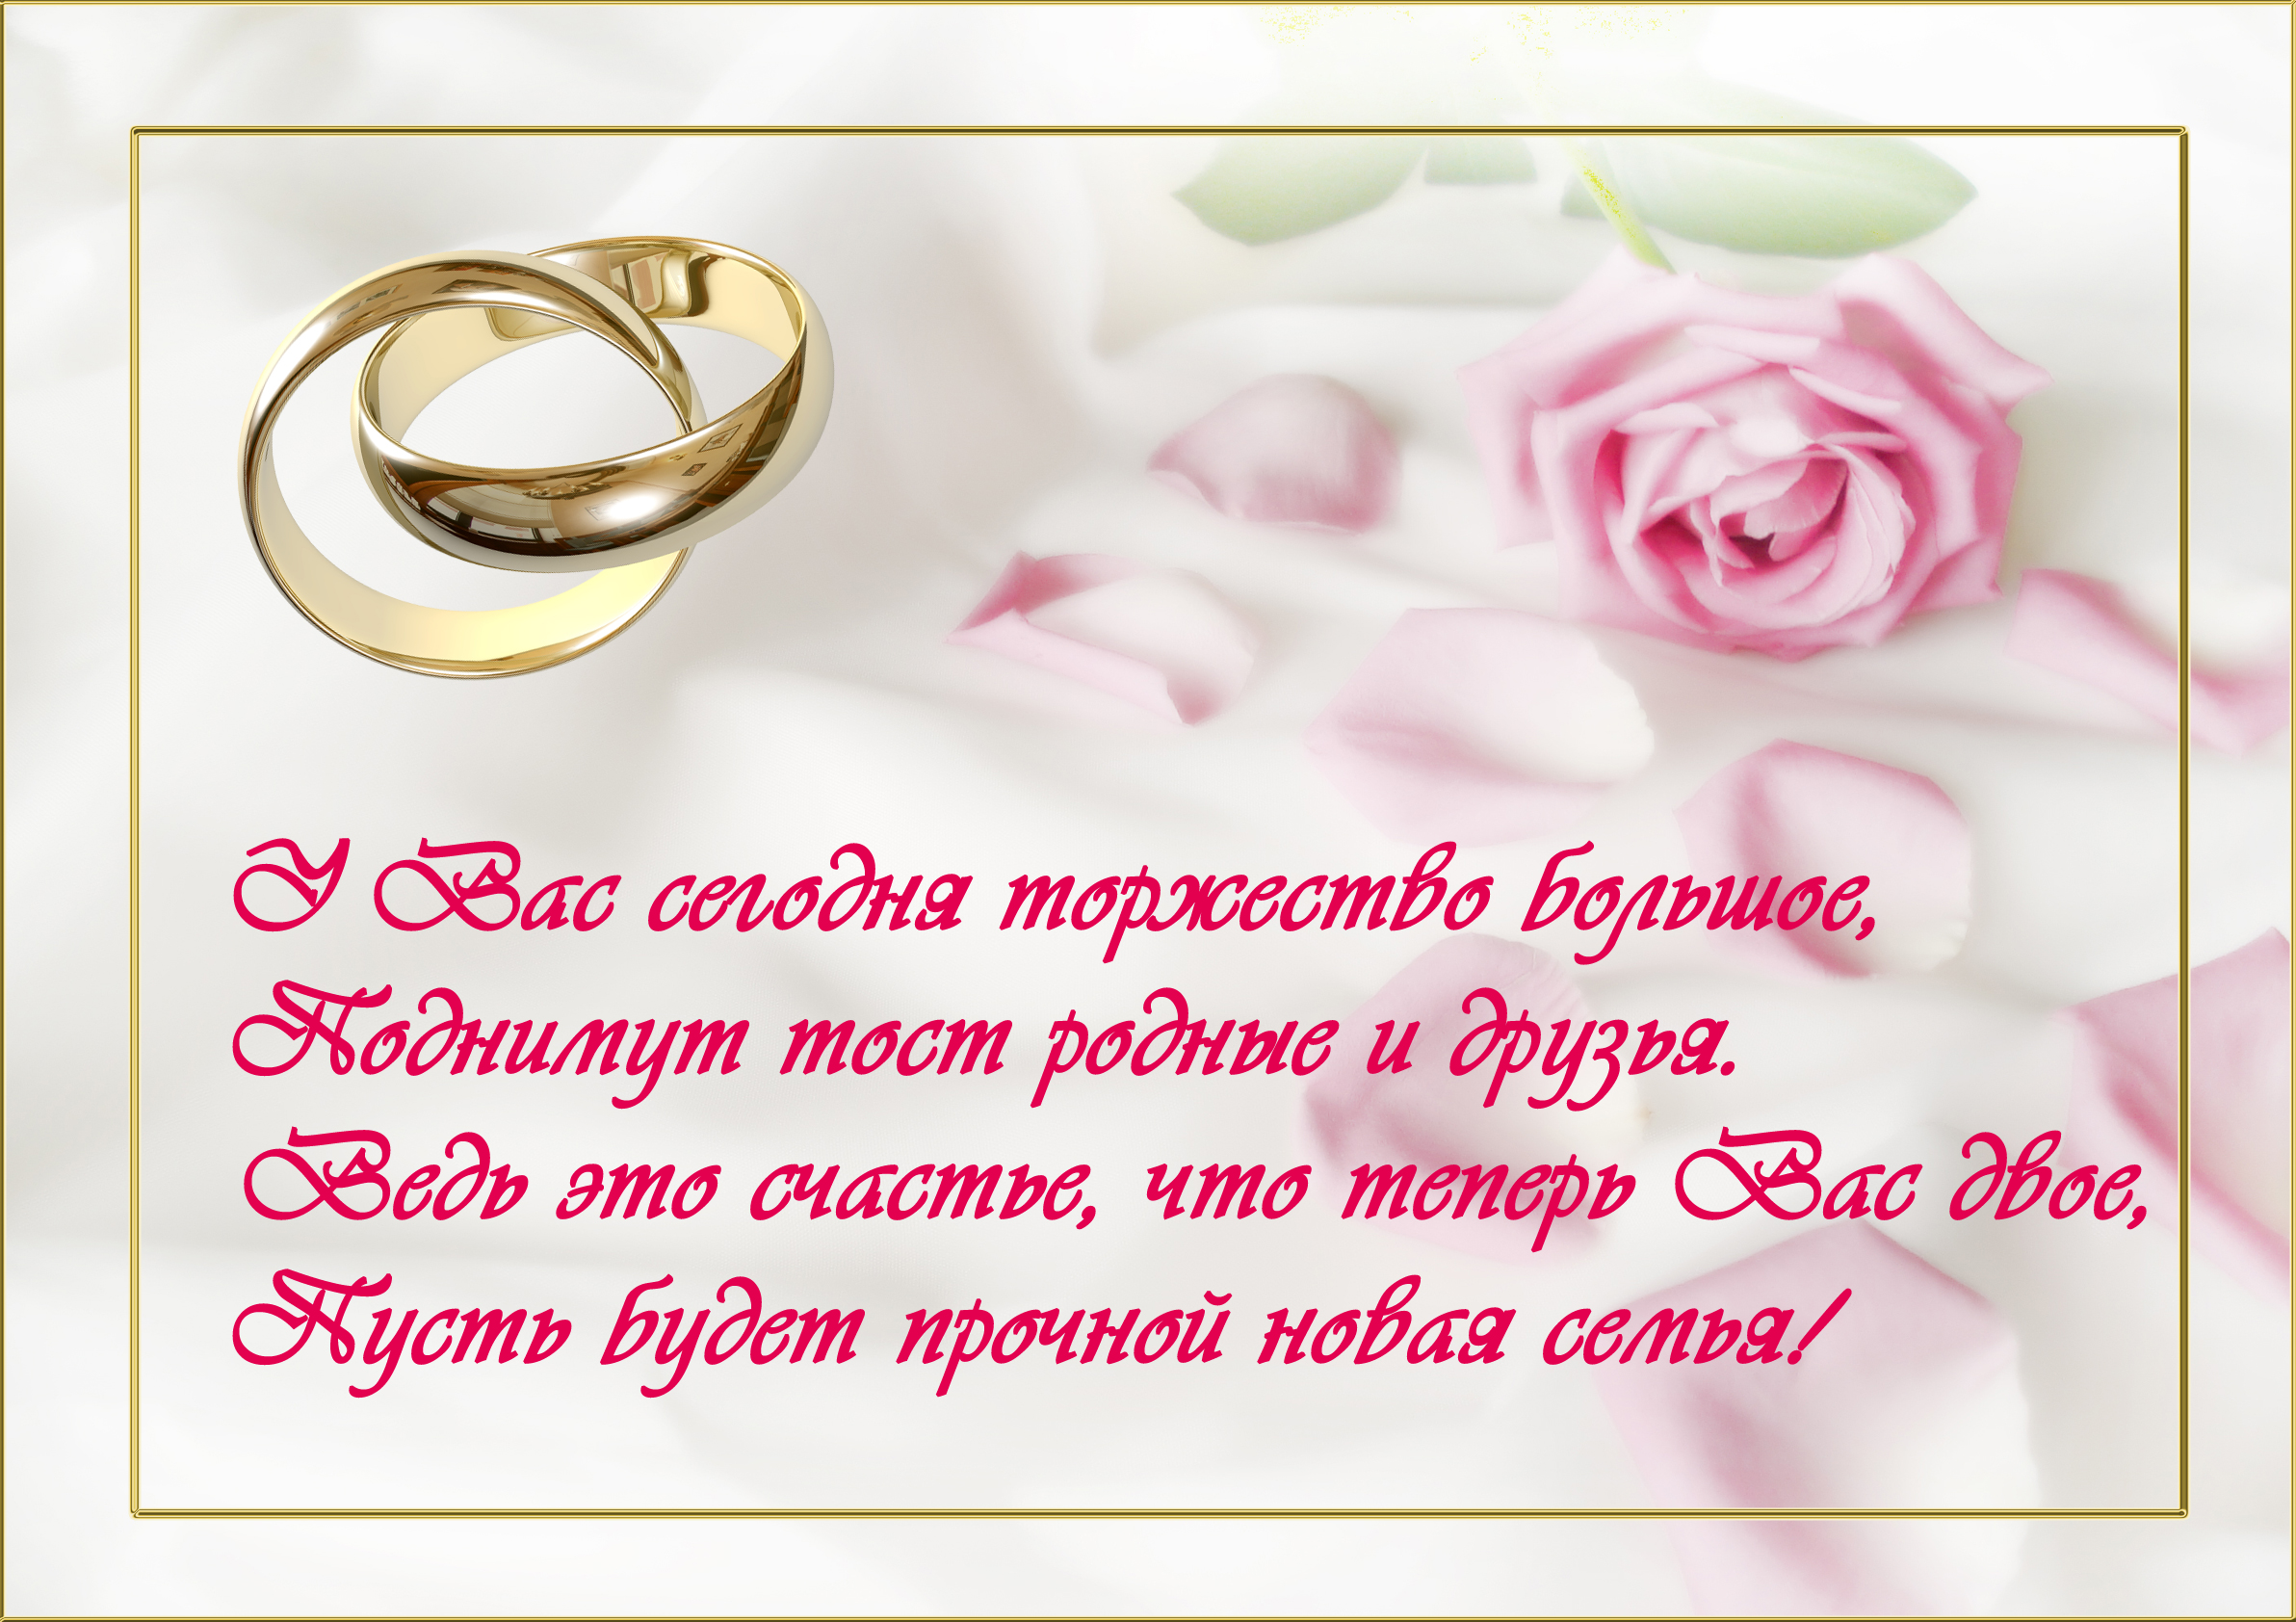 Поздравления со свадьбой от подруги жениху и невесте